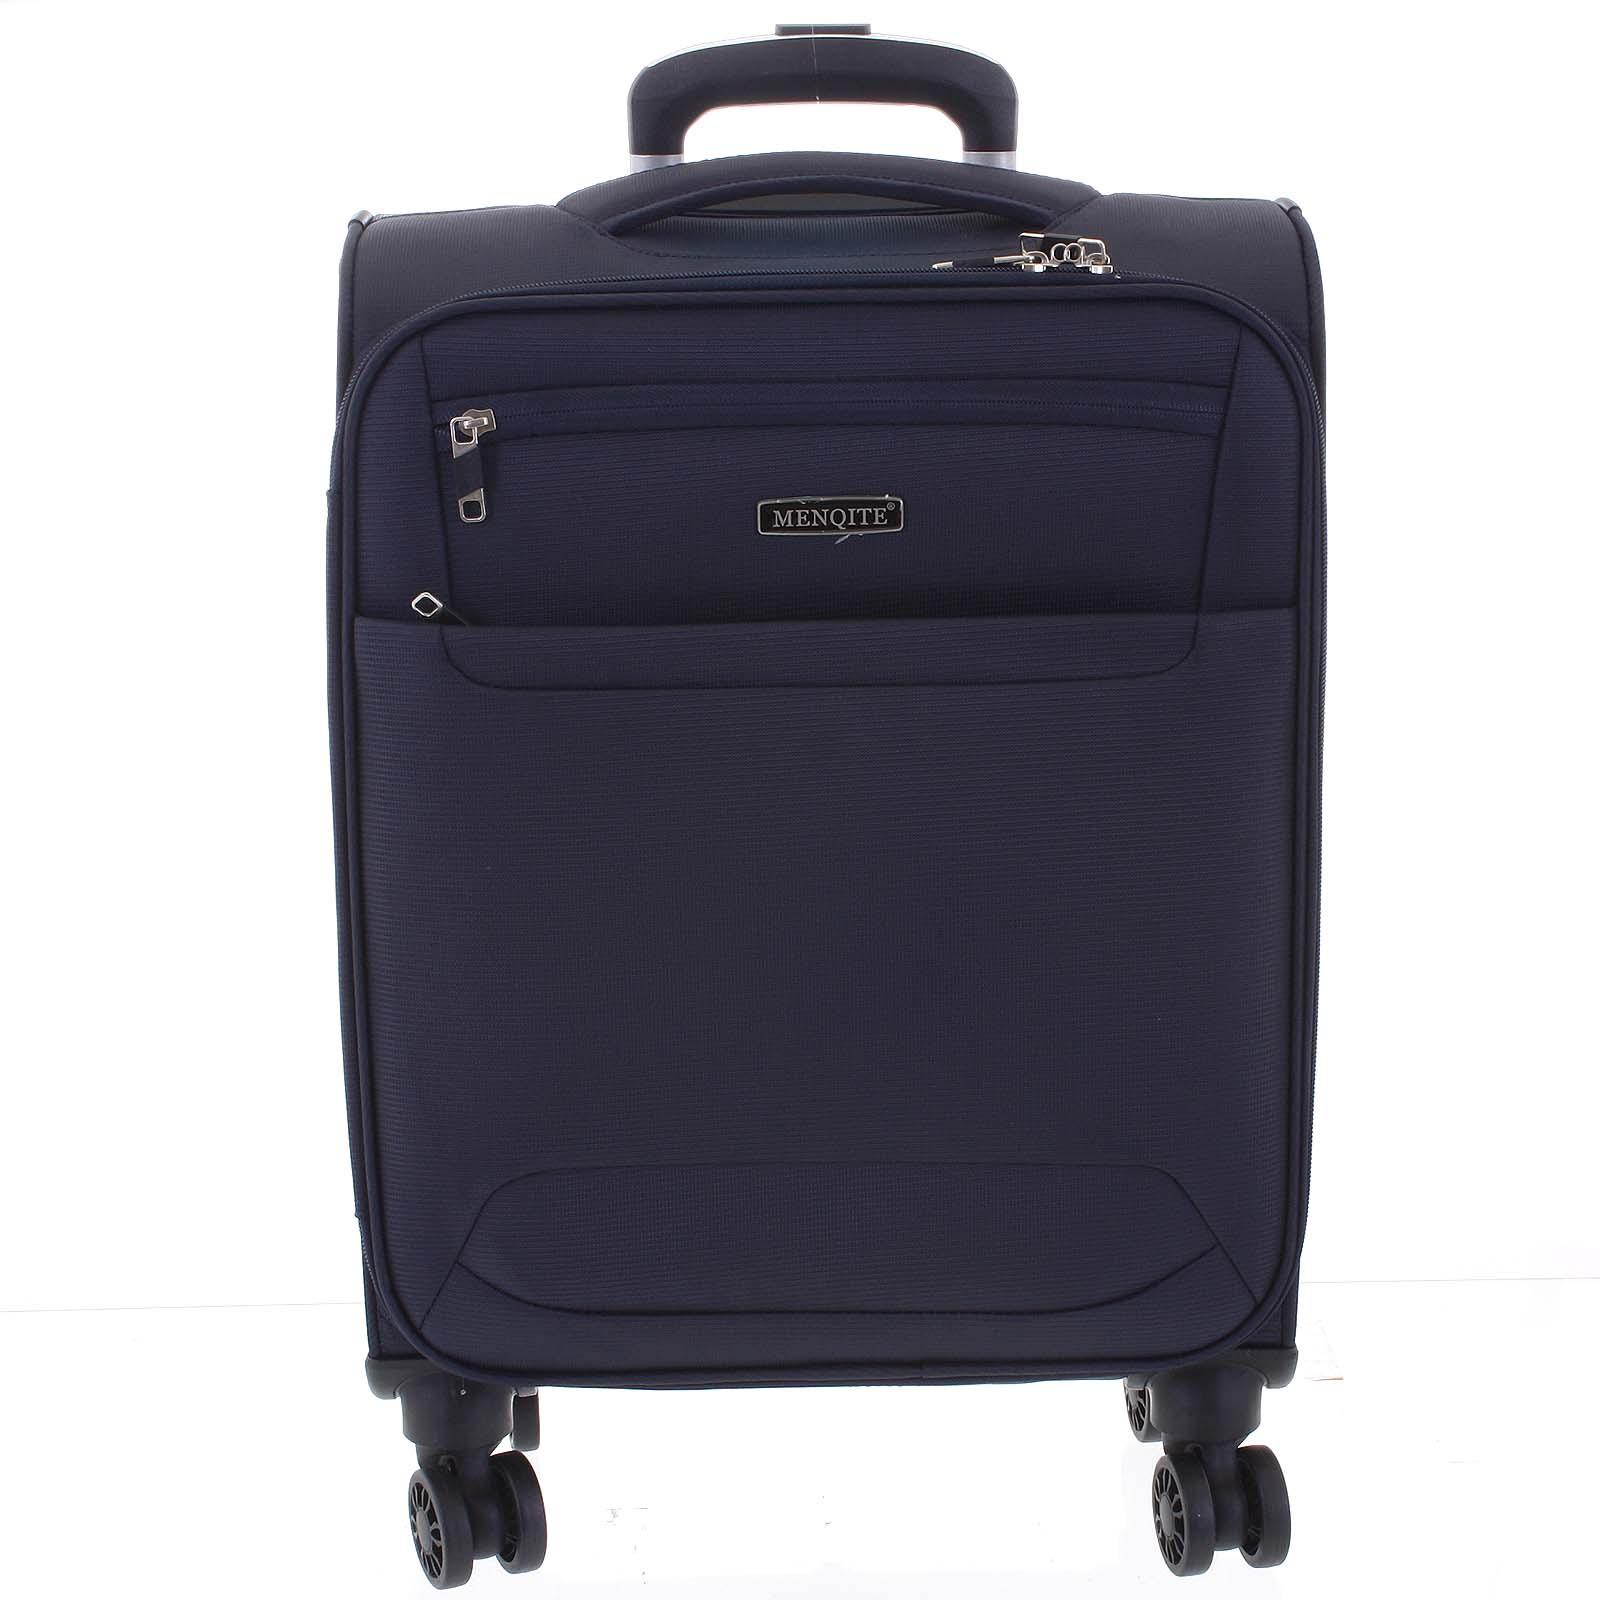 Nadčasový ľahký látkový cestovný kufor tmavomodrý - Menqite Timeless L modrá